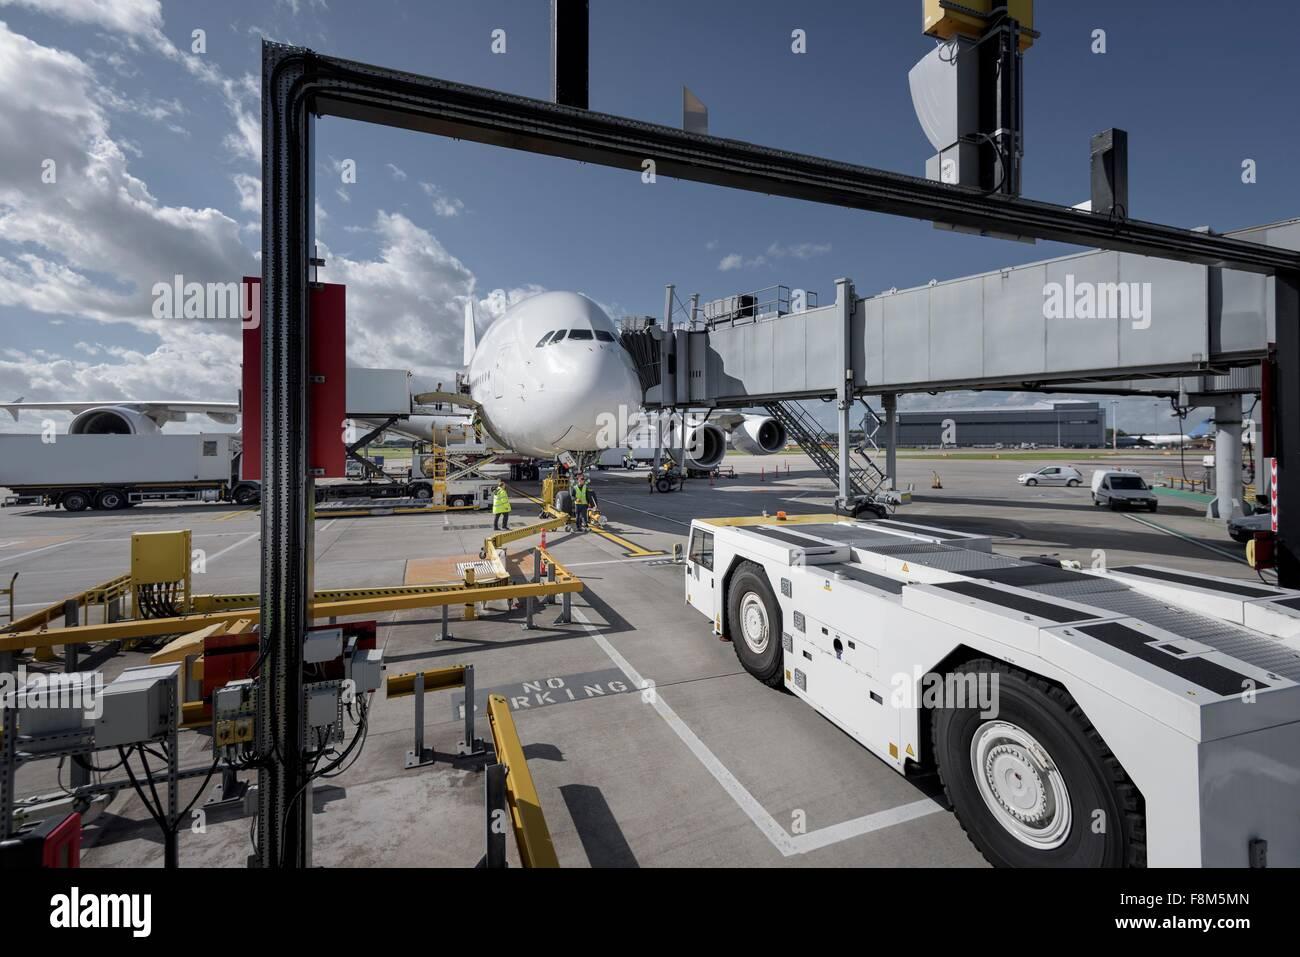 A380 aircraft and tug at stand at airport - Stock Image